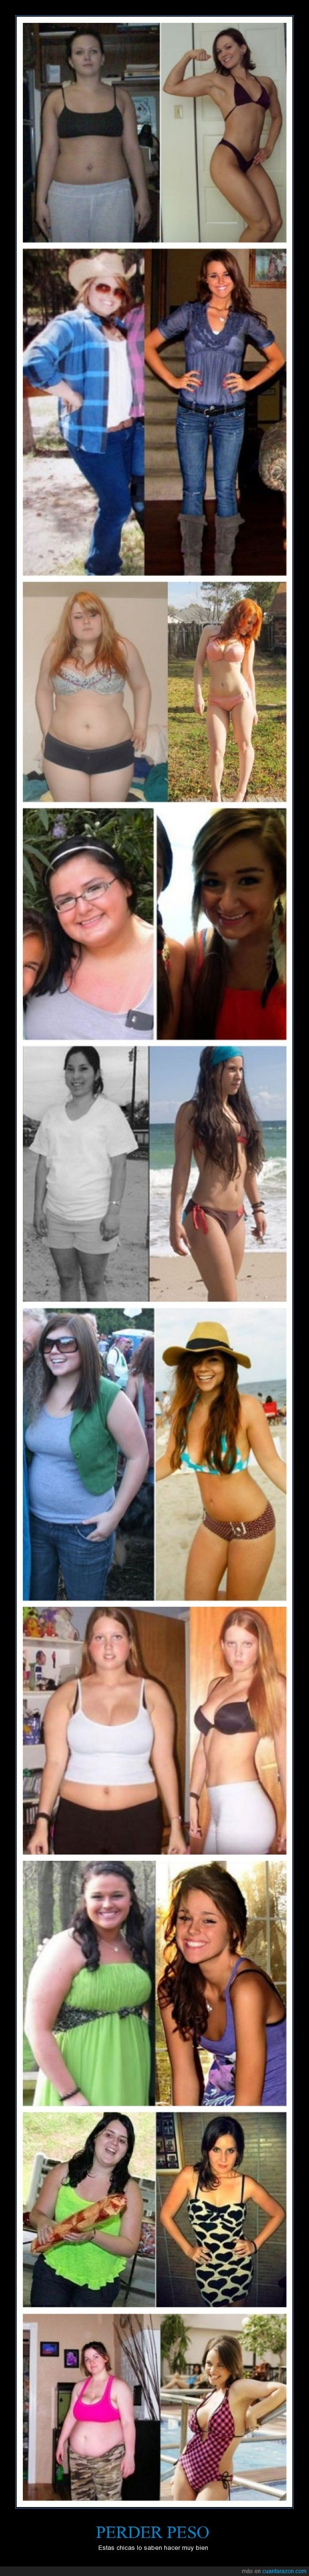 adelgazar,chicas,delgada,obesidad,perder,peso,salud,sana,sobrepeso